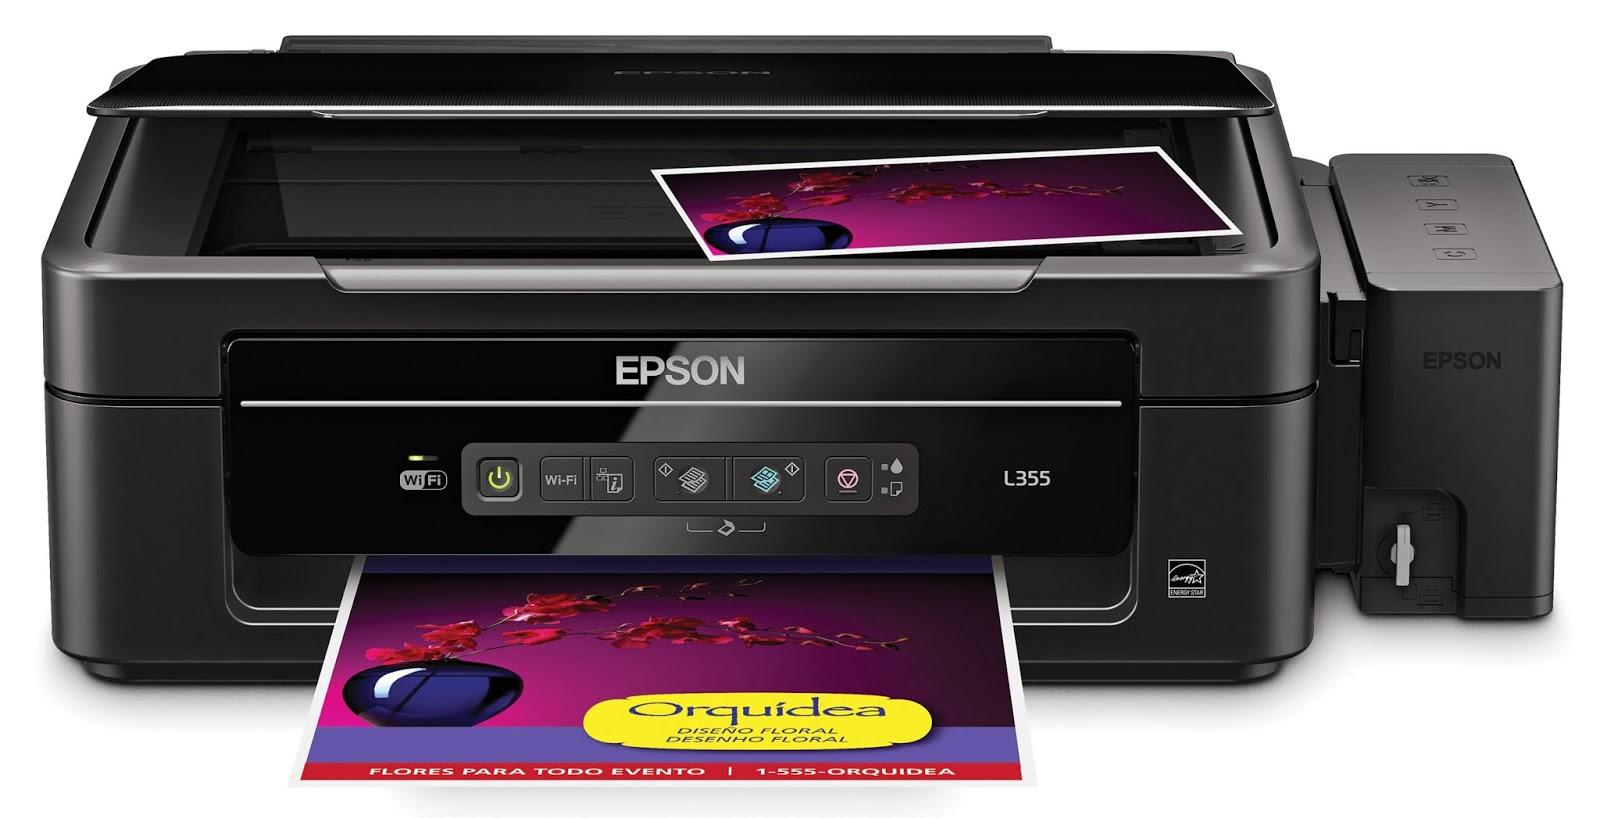 Como hacer copias negras y a color en impresoras Epson L355 | es ...